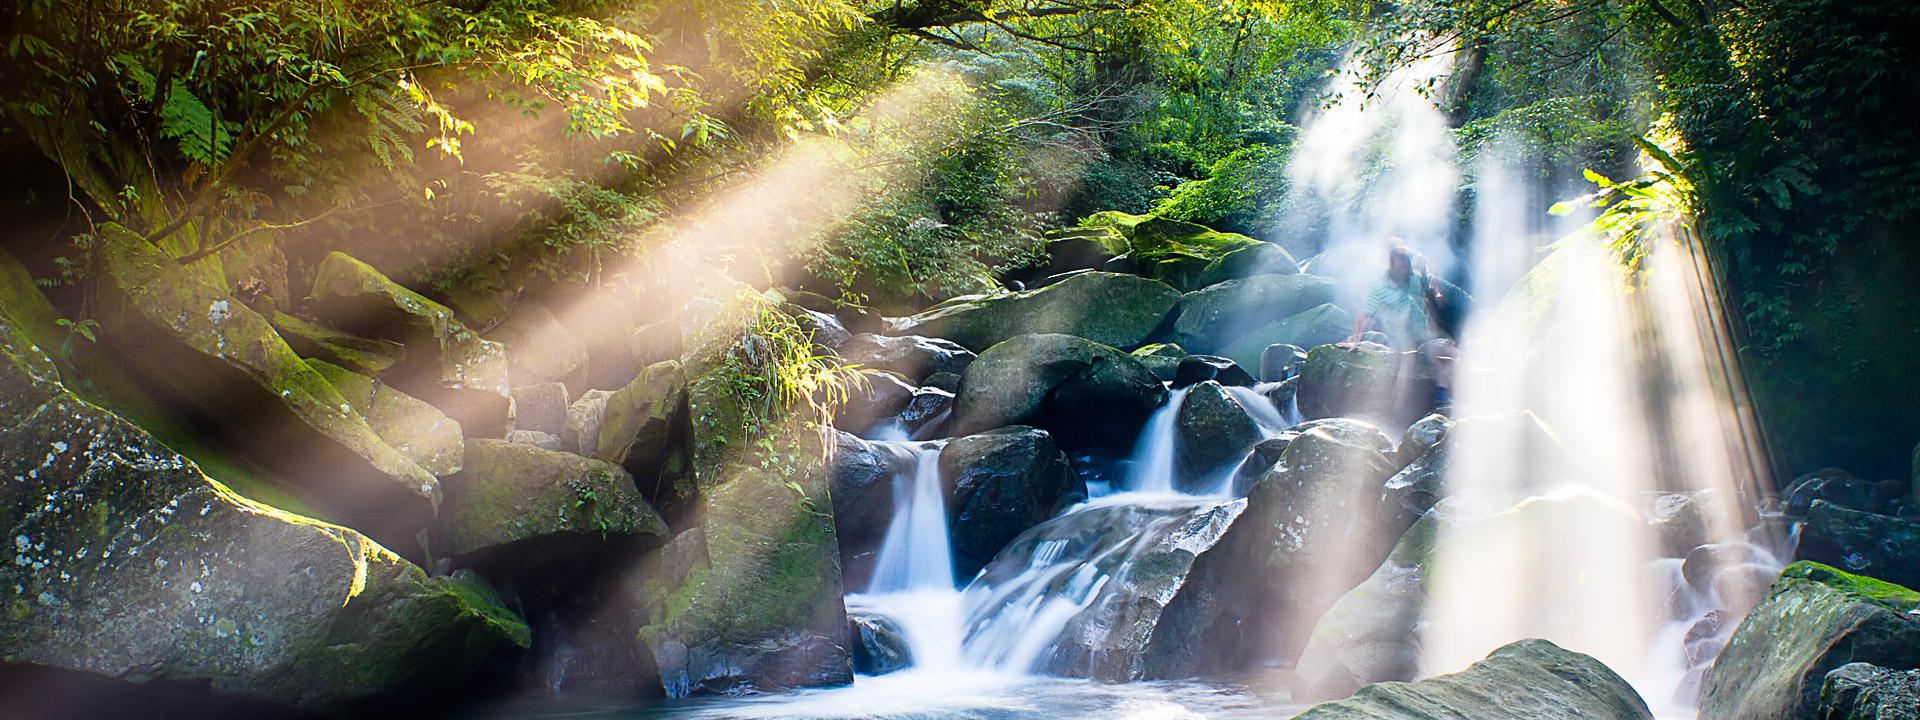 licht-strahlt-in-wasserfall-wald